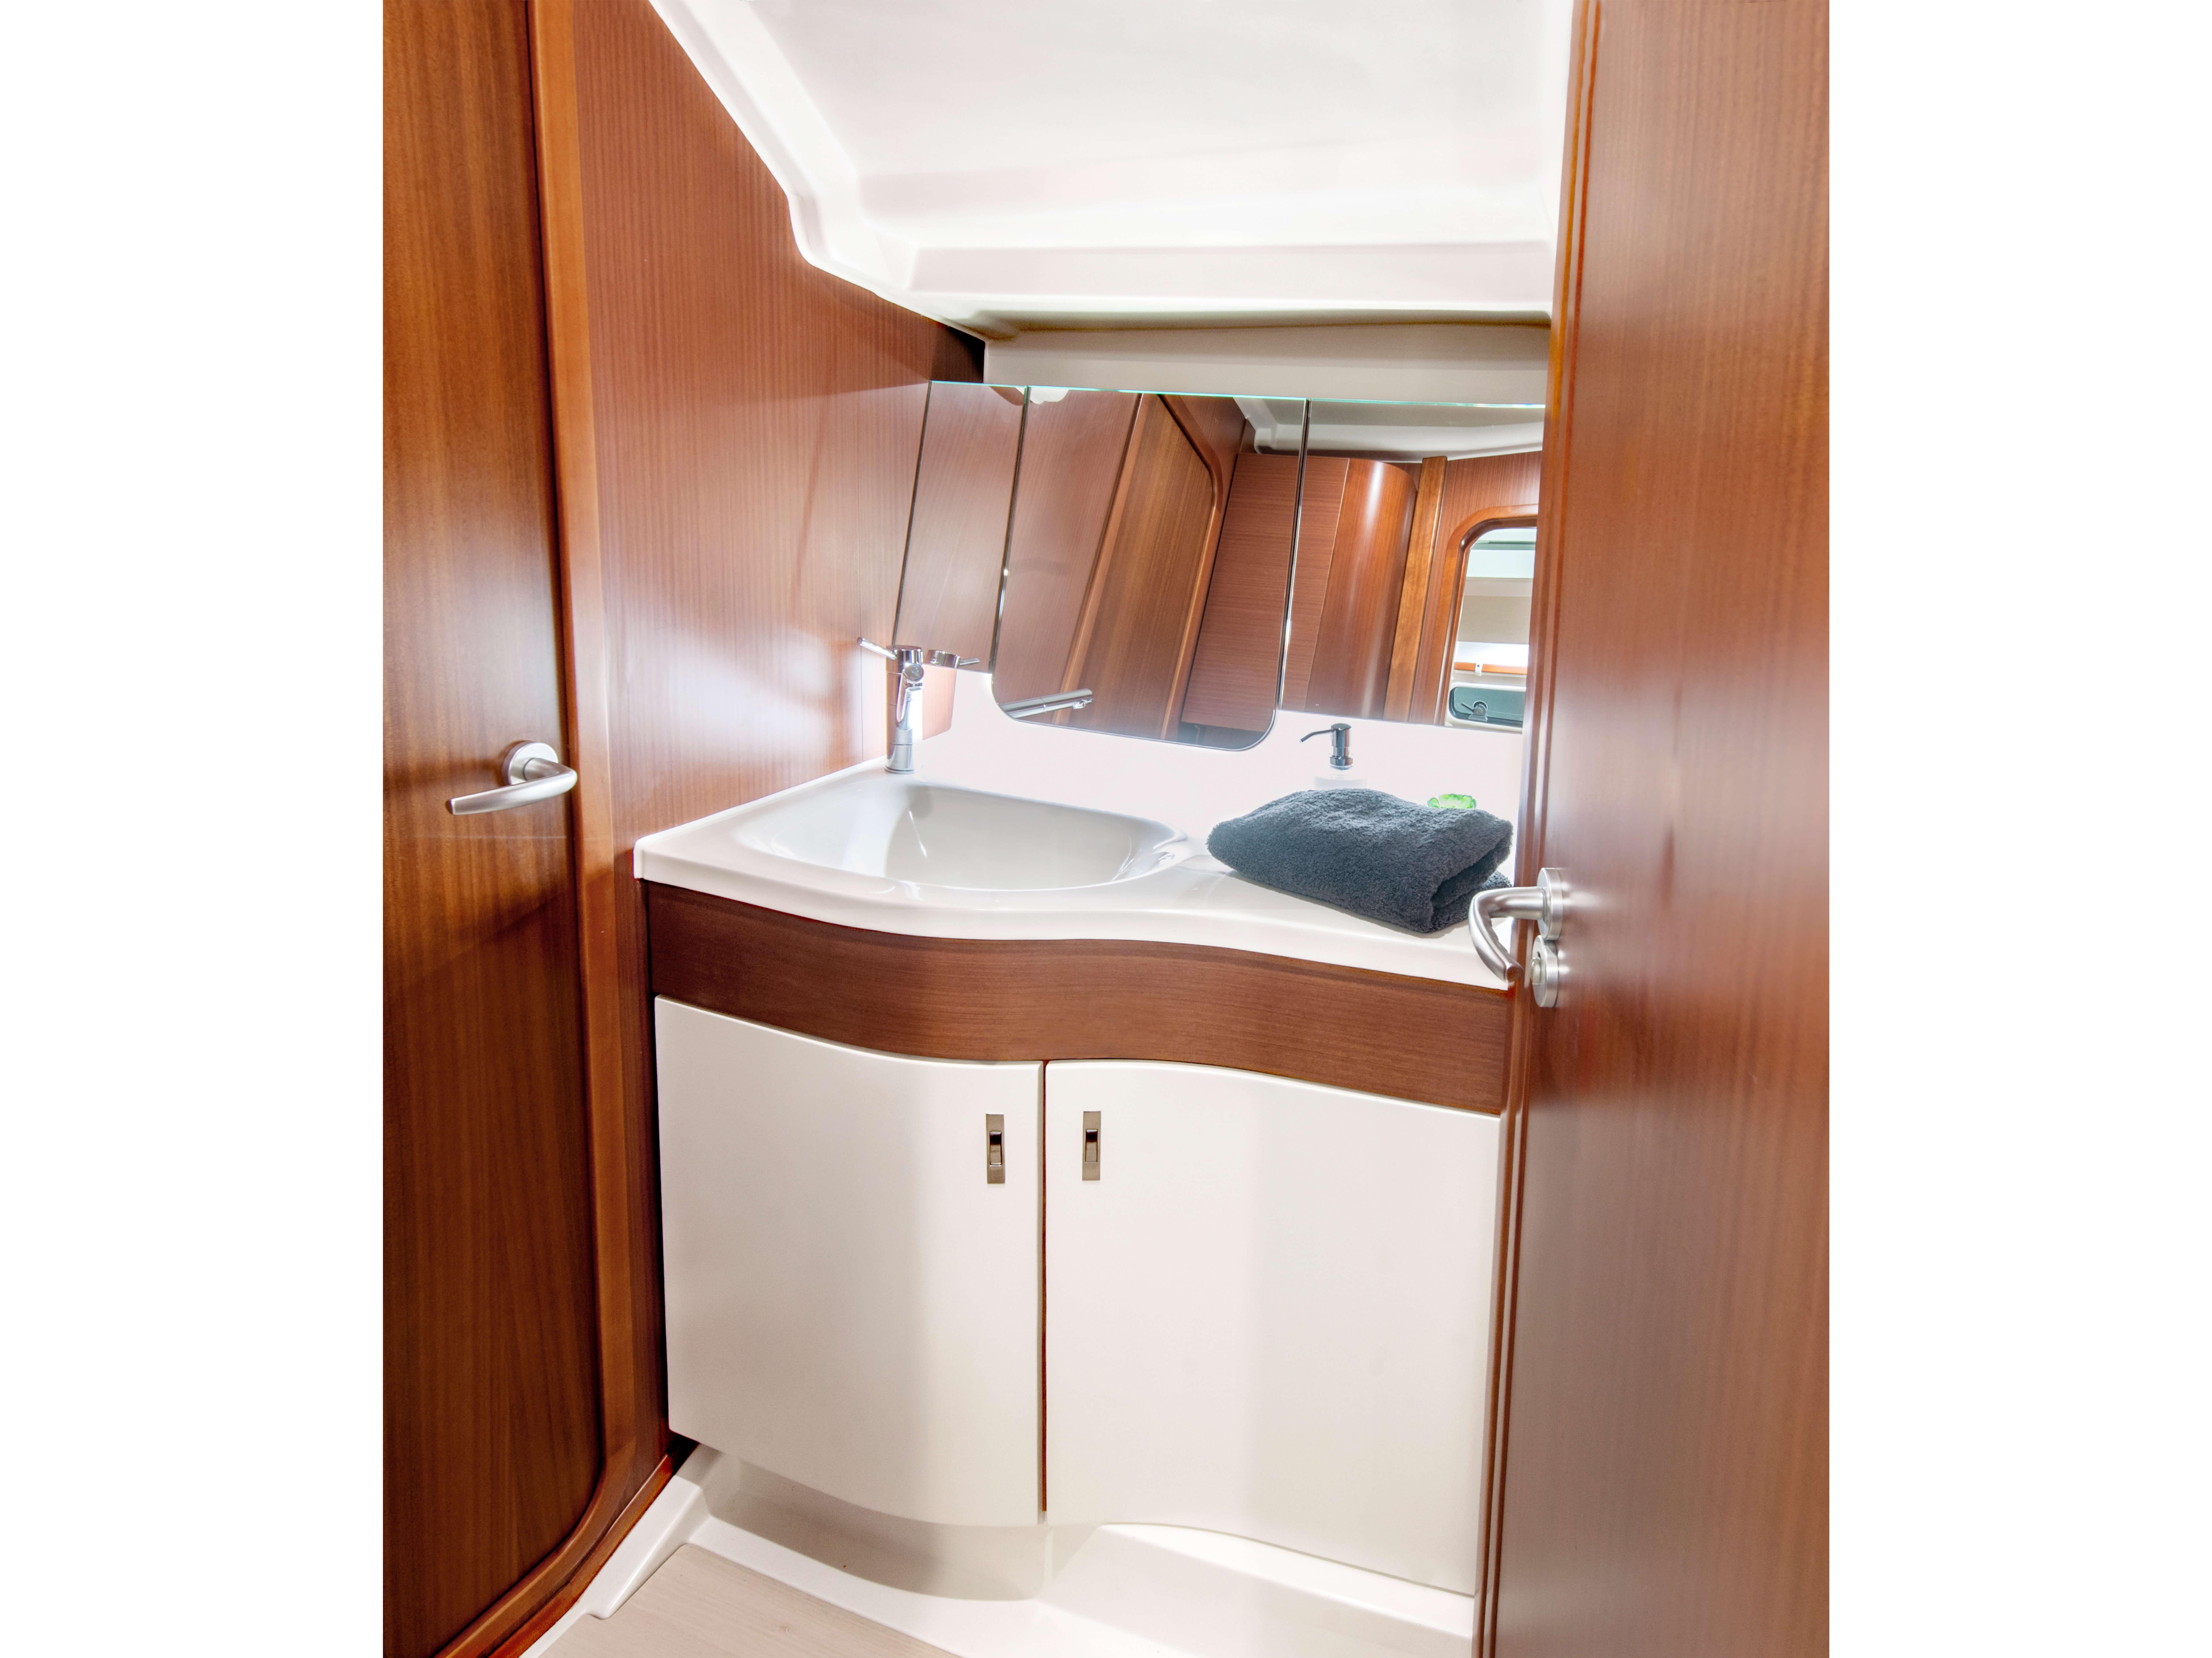 Dehler 42 Interior view wet cell | mahogany, sink, mirror, storage compartmen | Dehler